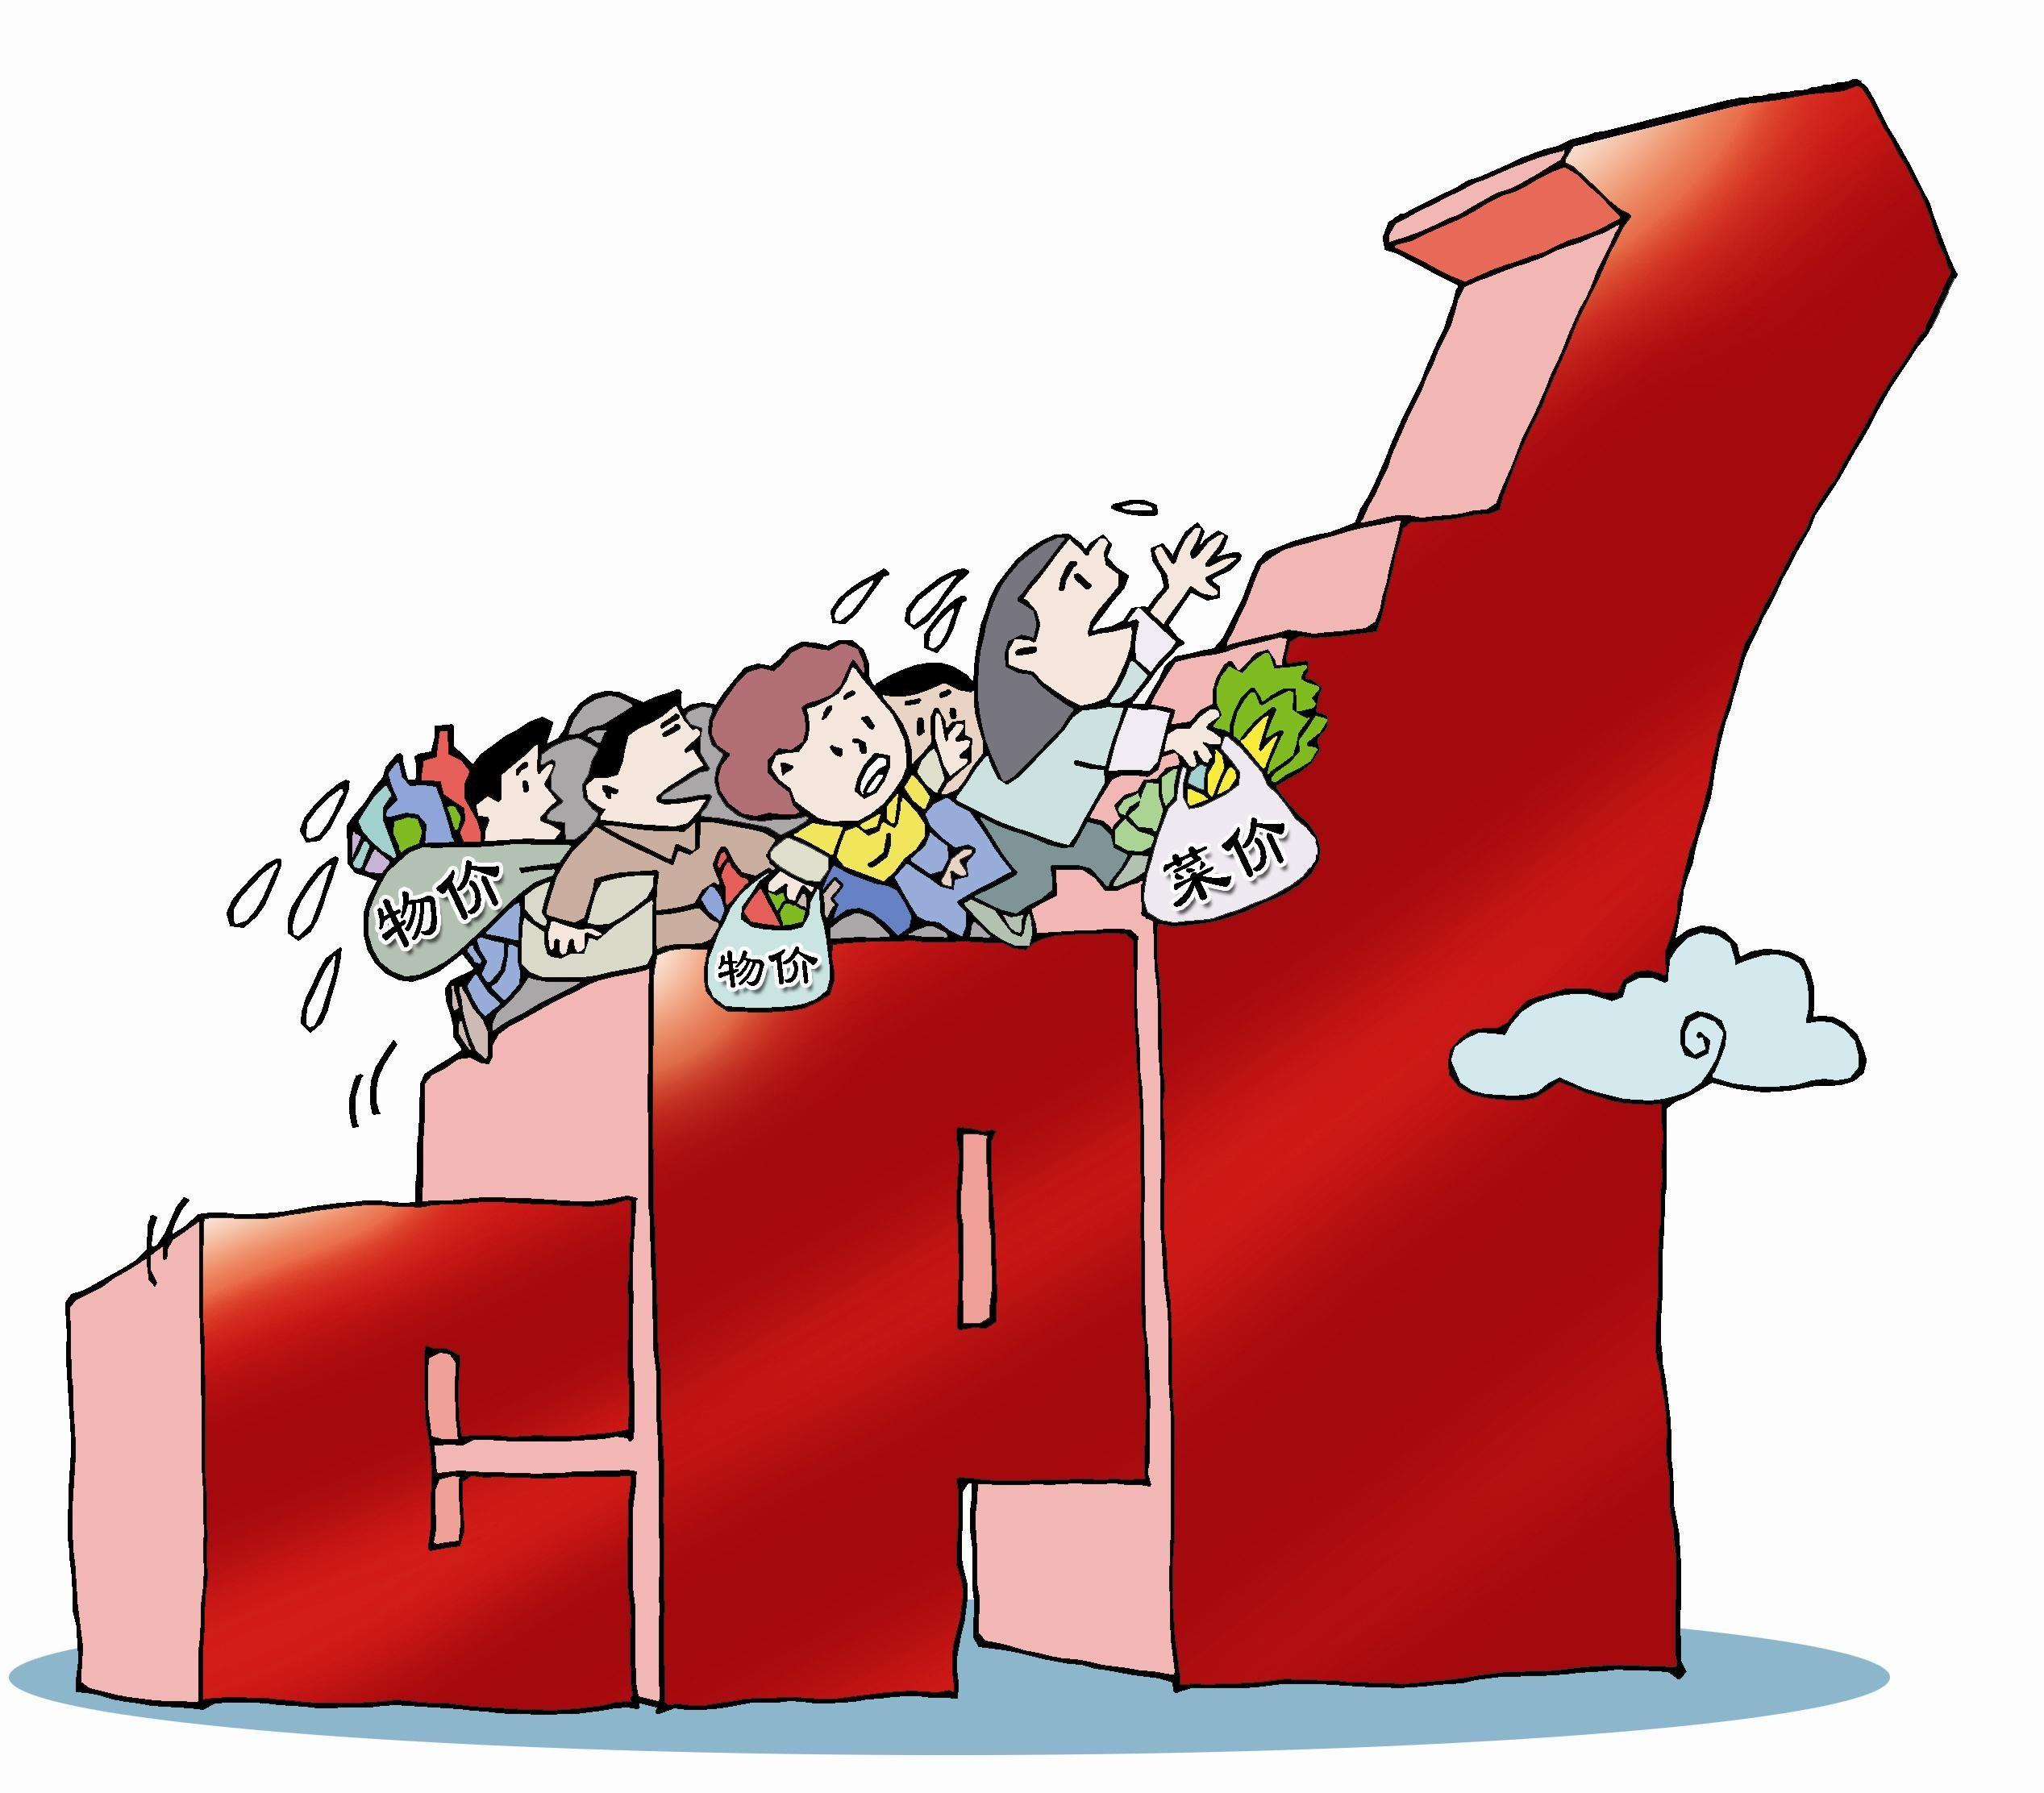 王福重:中国货币没有超发 仍然有进一步宽松的空间